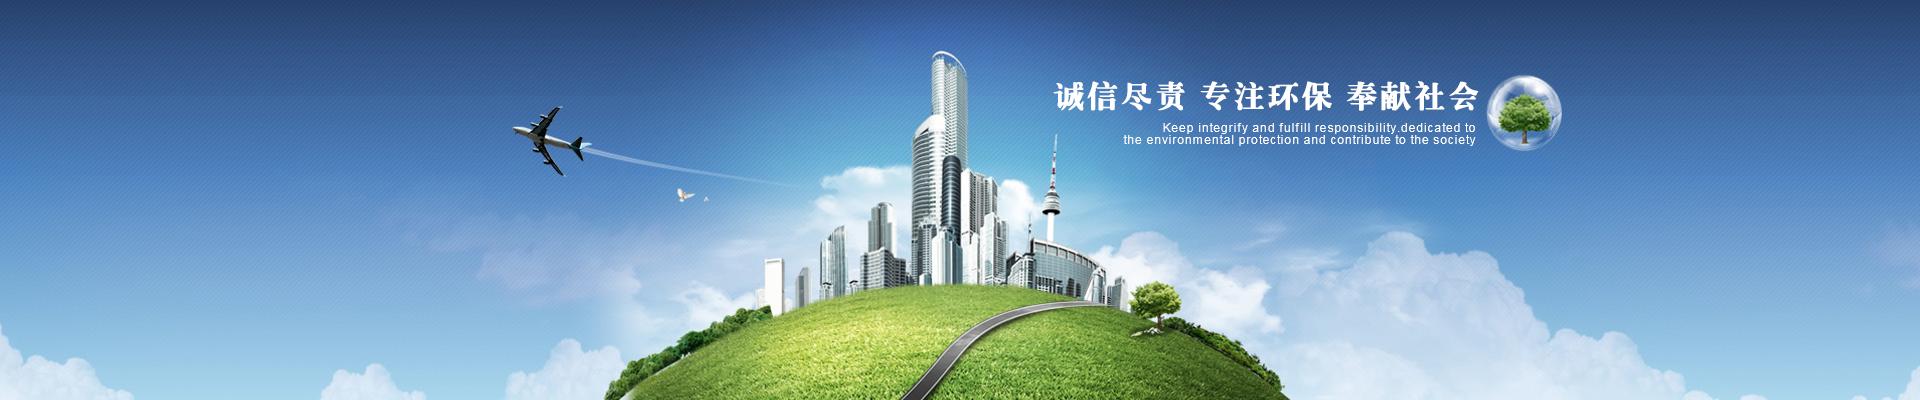 江蘇環保產業股份有限公司